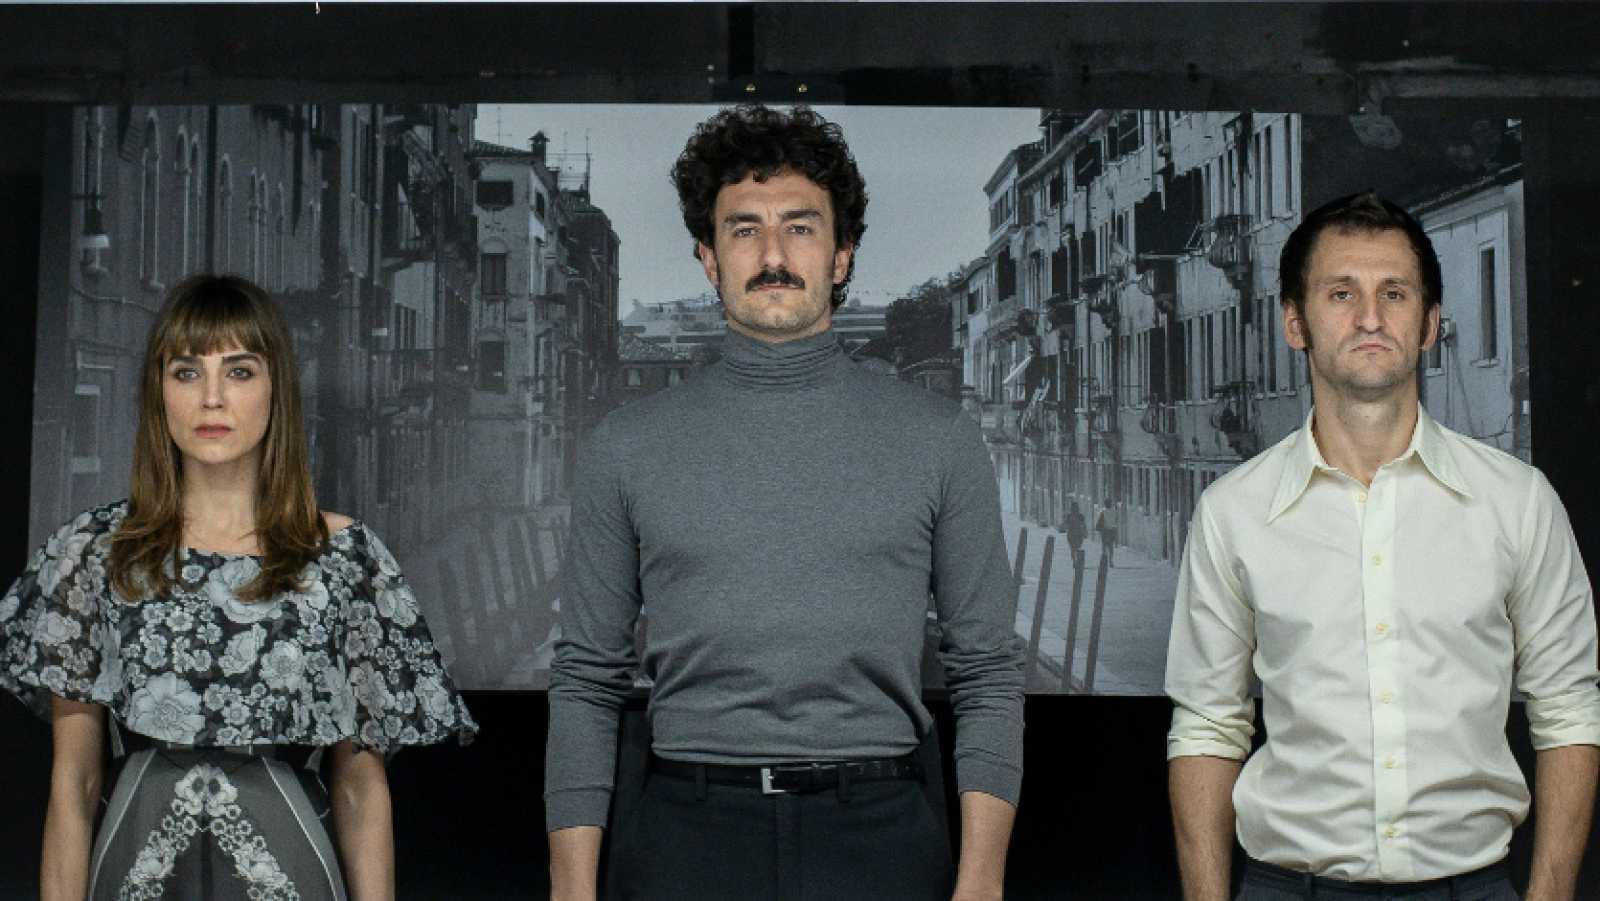 Irene Arcos, Miki Esparbé y Raúl Arévalo protagonizan 'Traición' en el Pavón Teatro Kamikaze